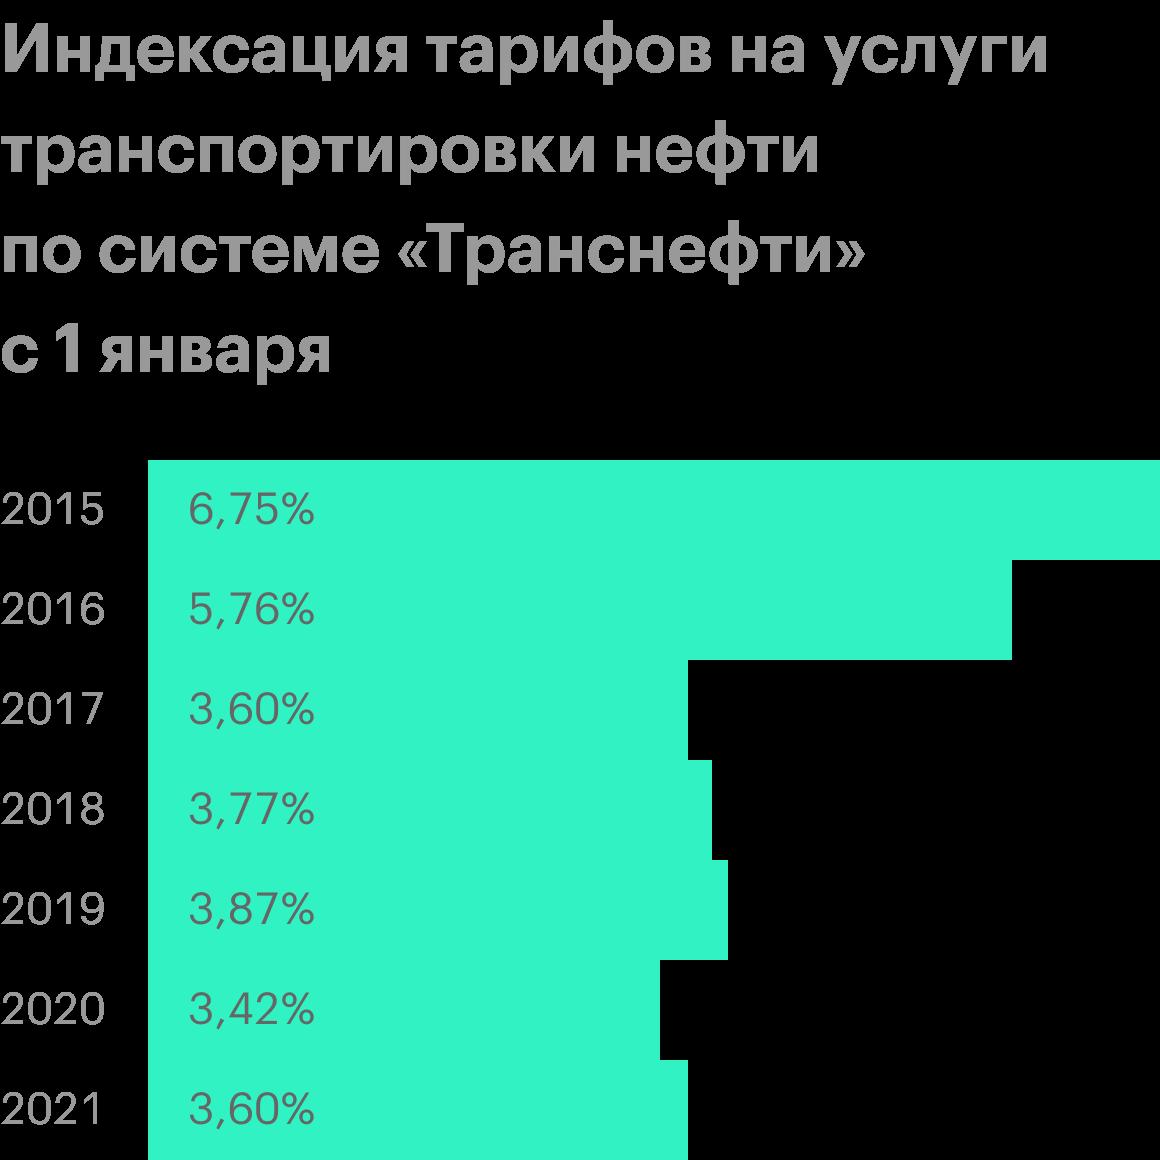 Источник: данные ФАС, информация «Транснефти» дляинвесторов